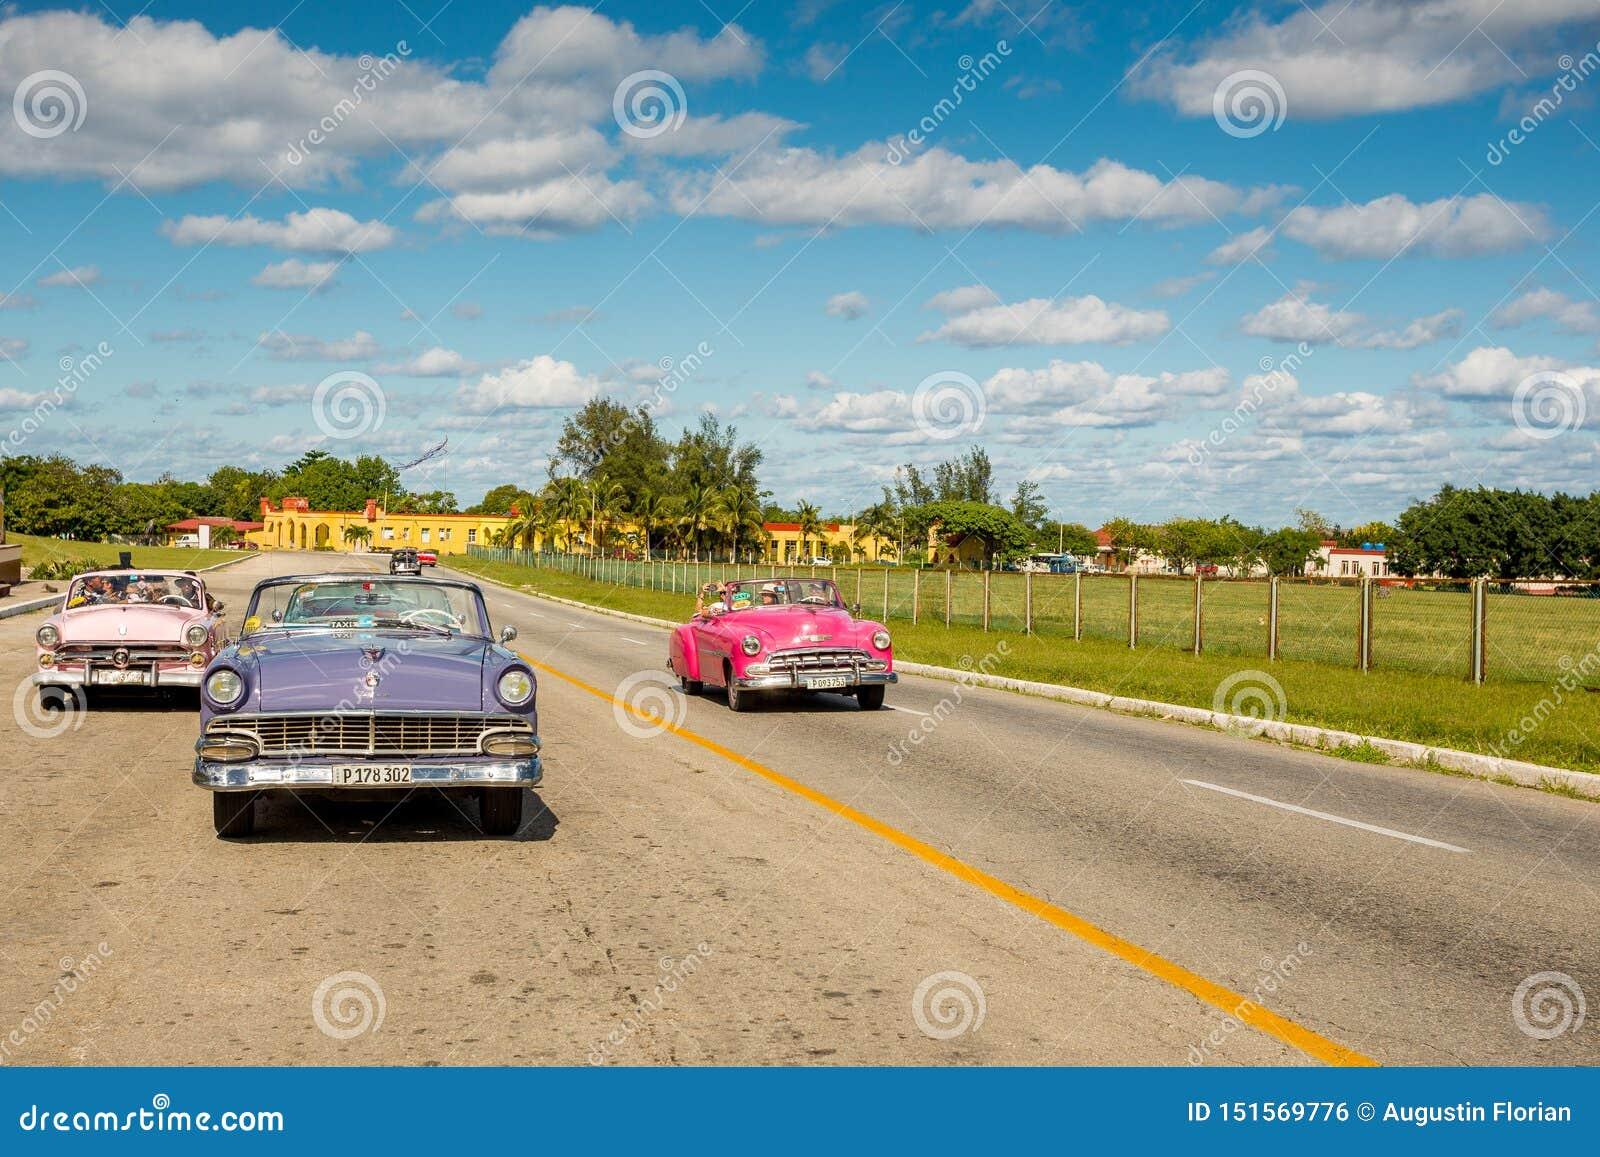 La Havane, Cuba - 29 novembre 2017 : Touriste classique d entraînement de voitures